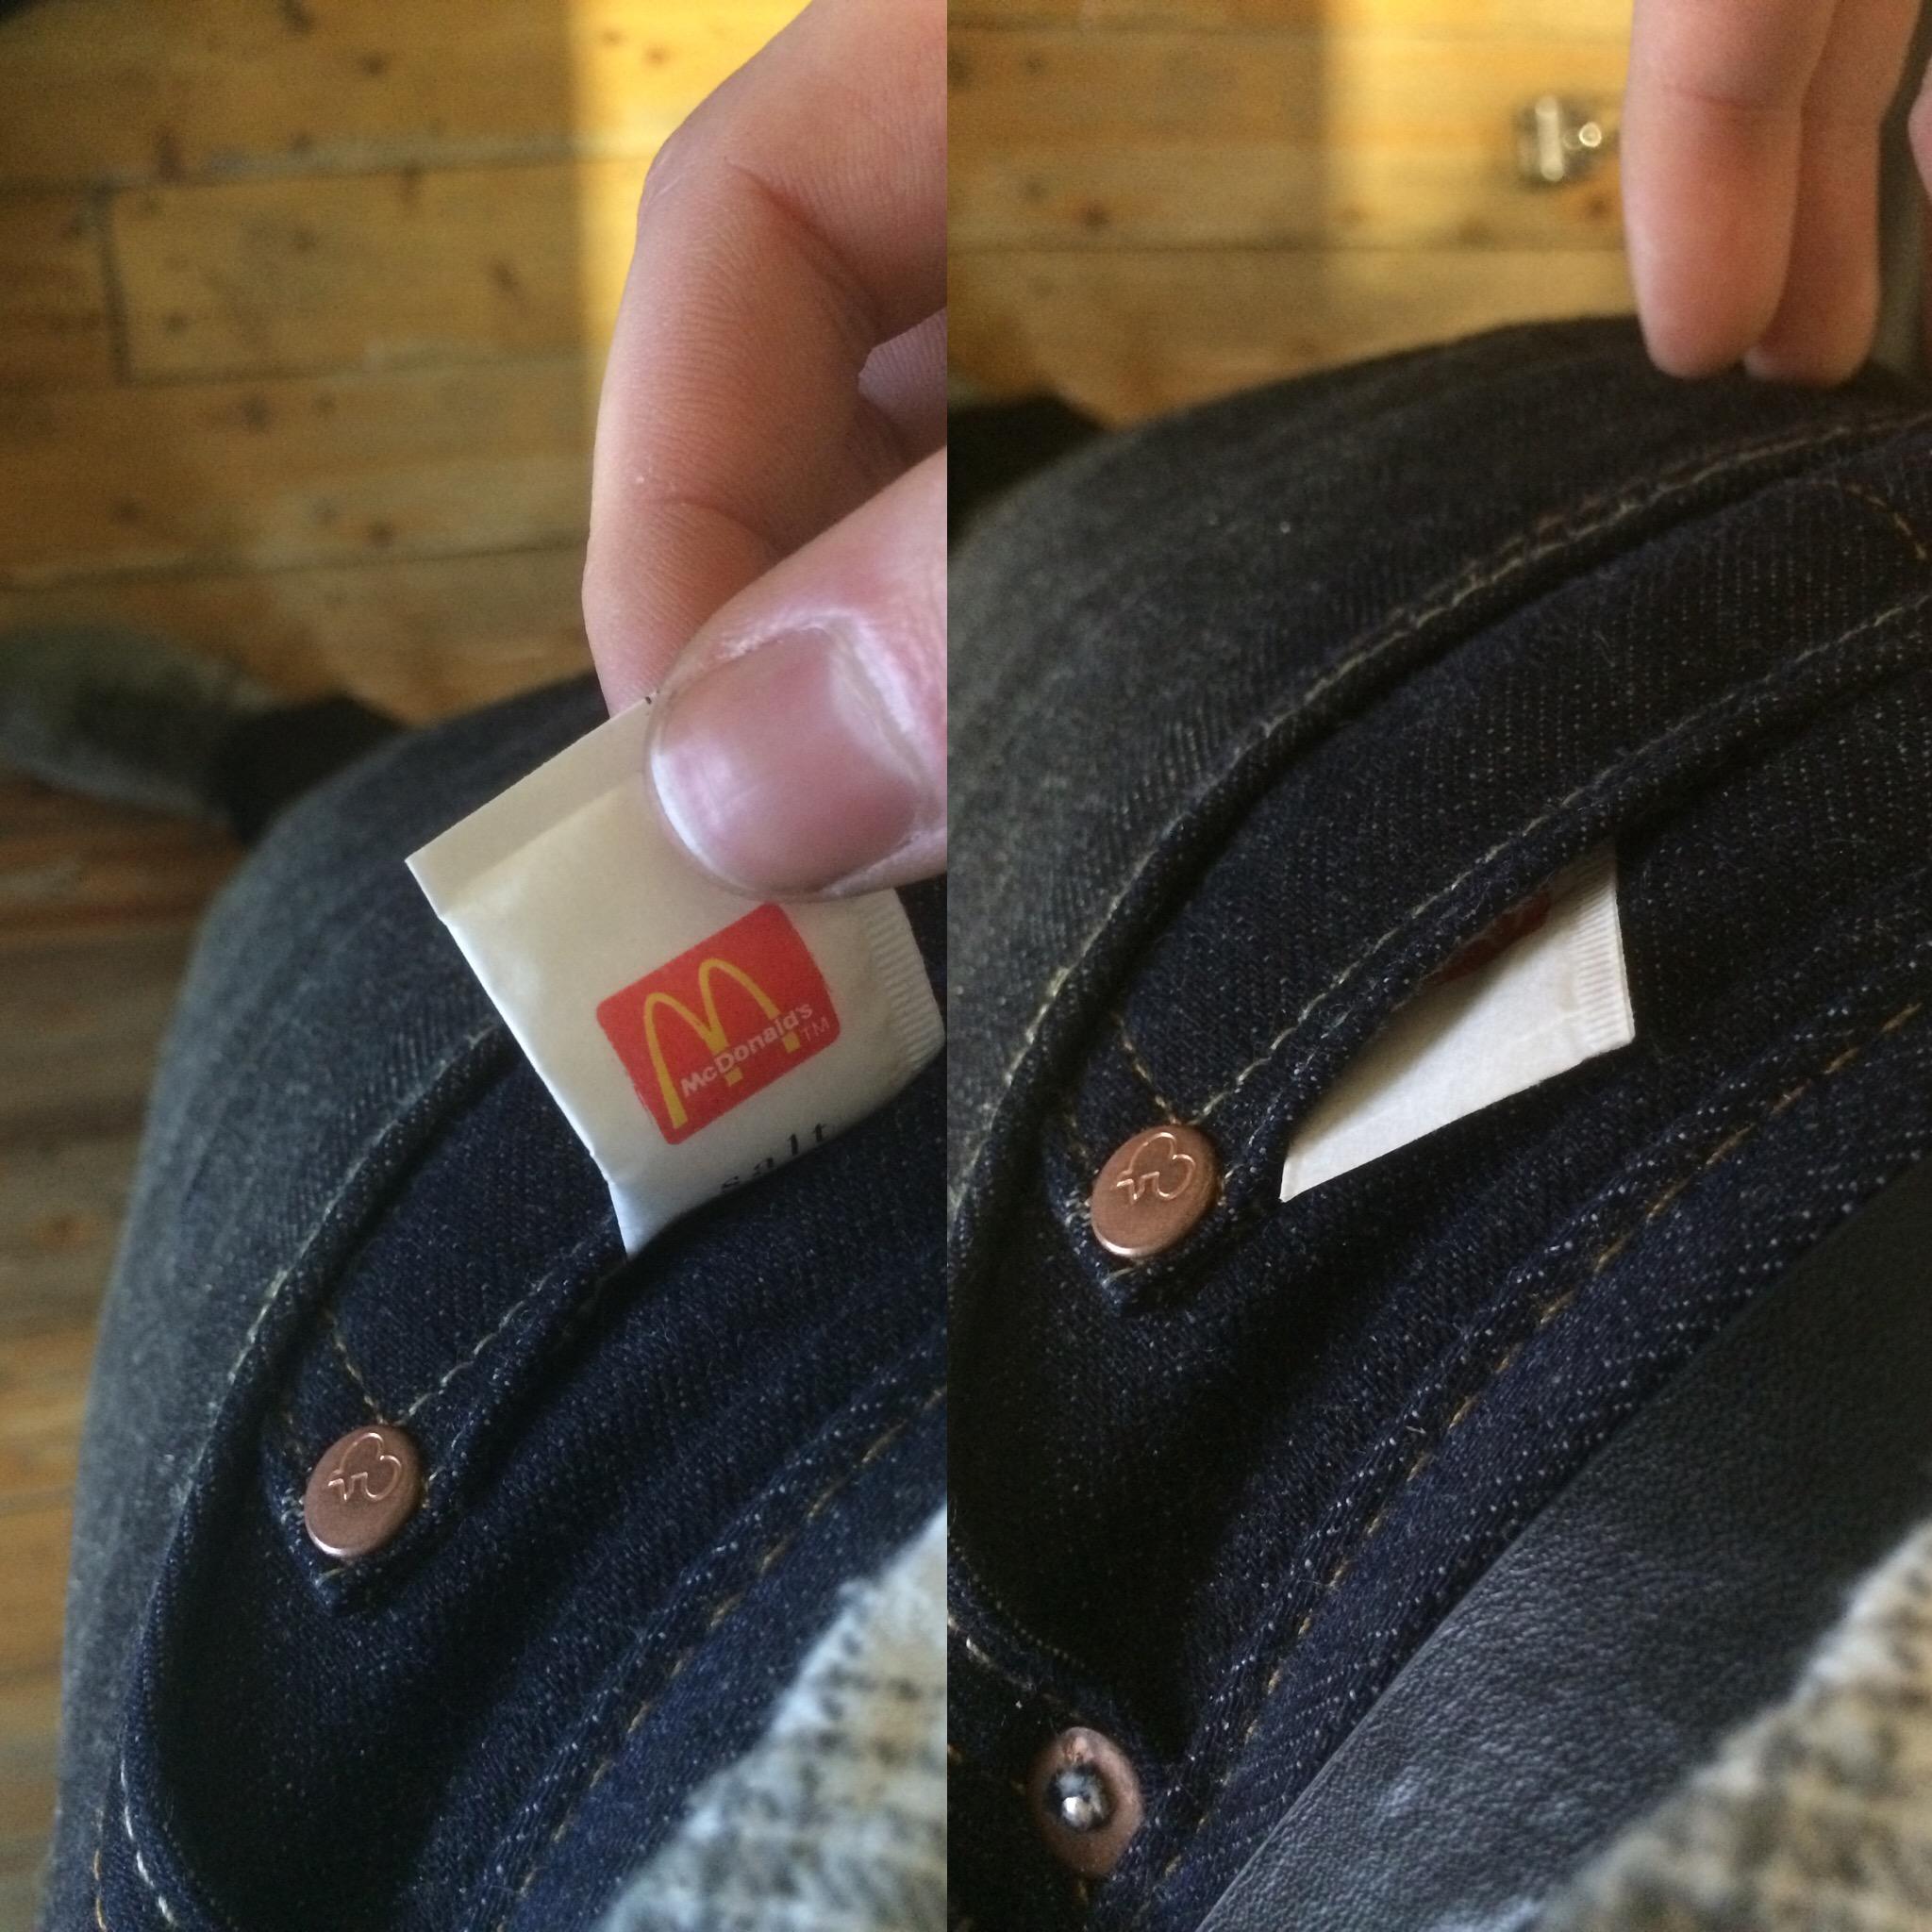 牛仔褲上那個超小的口袋到底要裝什麼?這位偉人早就發現你意料之外的超天才用法!